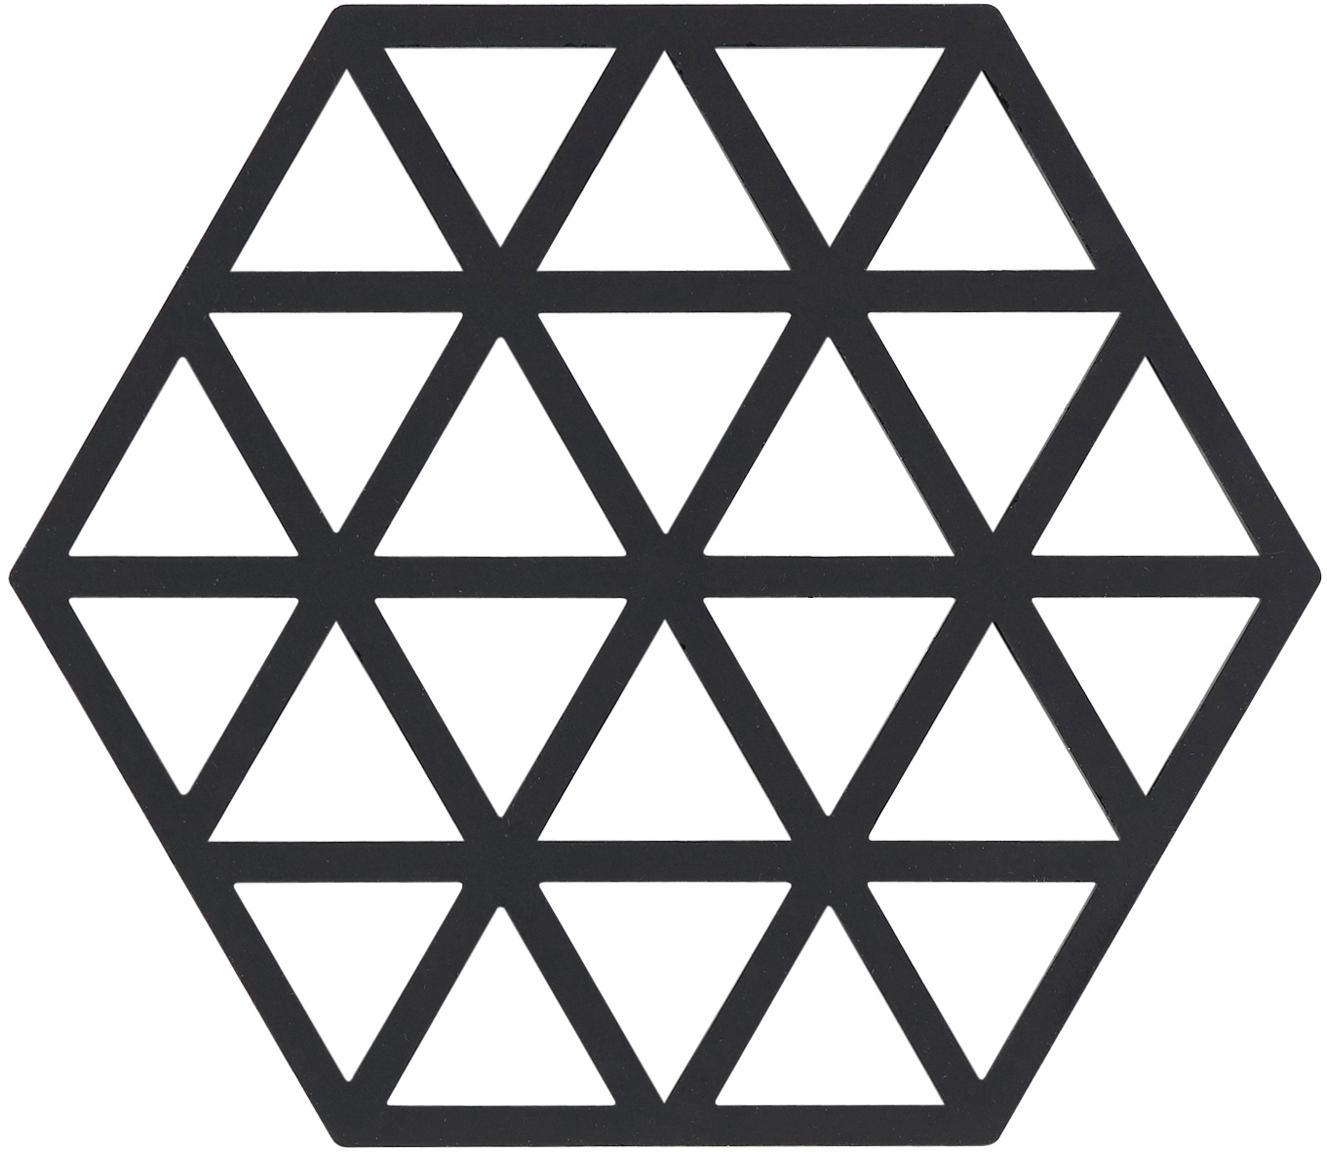 Salvamanteles de silicona Triangle, 2uds., Silicona, Negro, An 14x F 16 cm